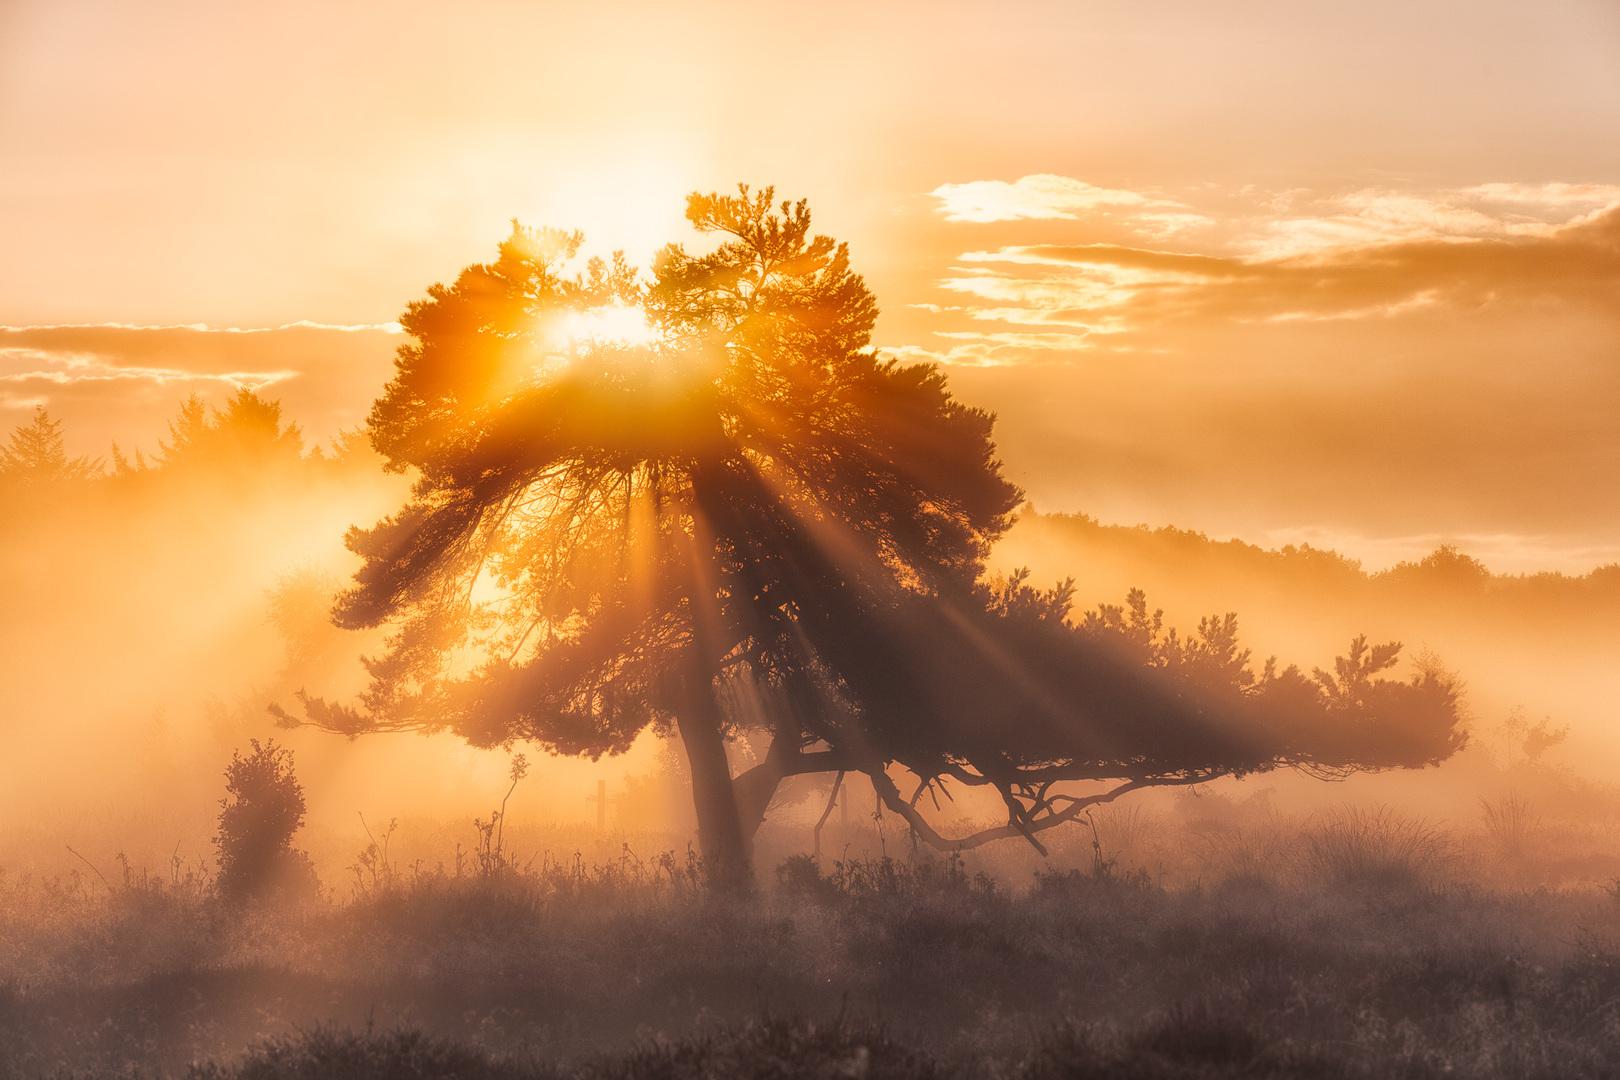 foto apparatuur - Een oude dennenboom in een heideveld bij Oudemolen in Drenthe tijdens een prachtige zonsopkomst